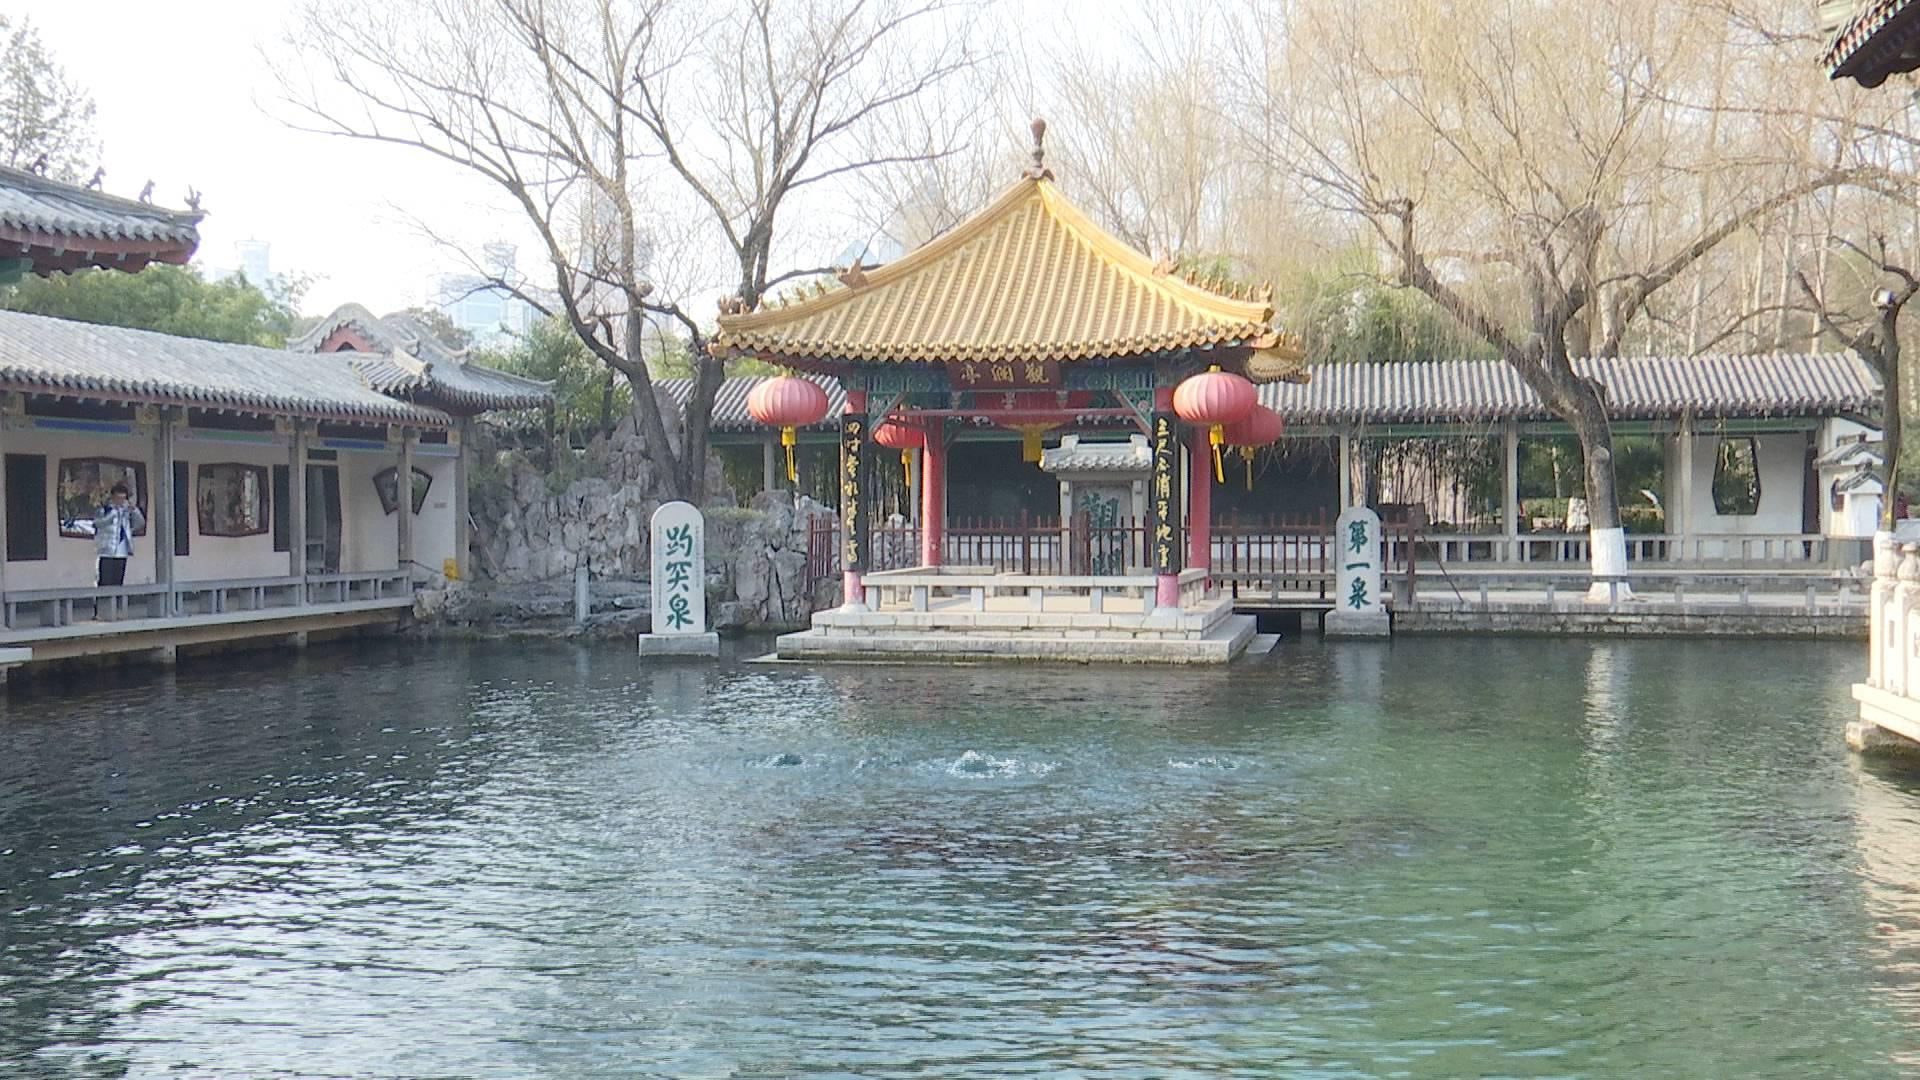 济南大明湖、趵突泉游客数量比去年同期减少2.32万人